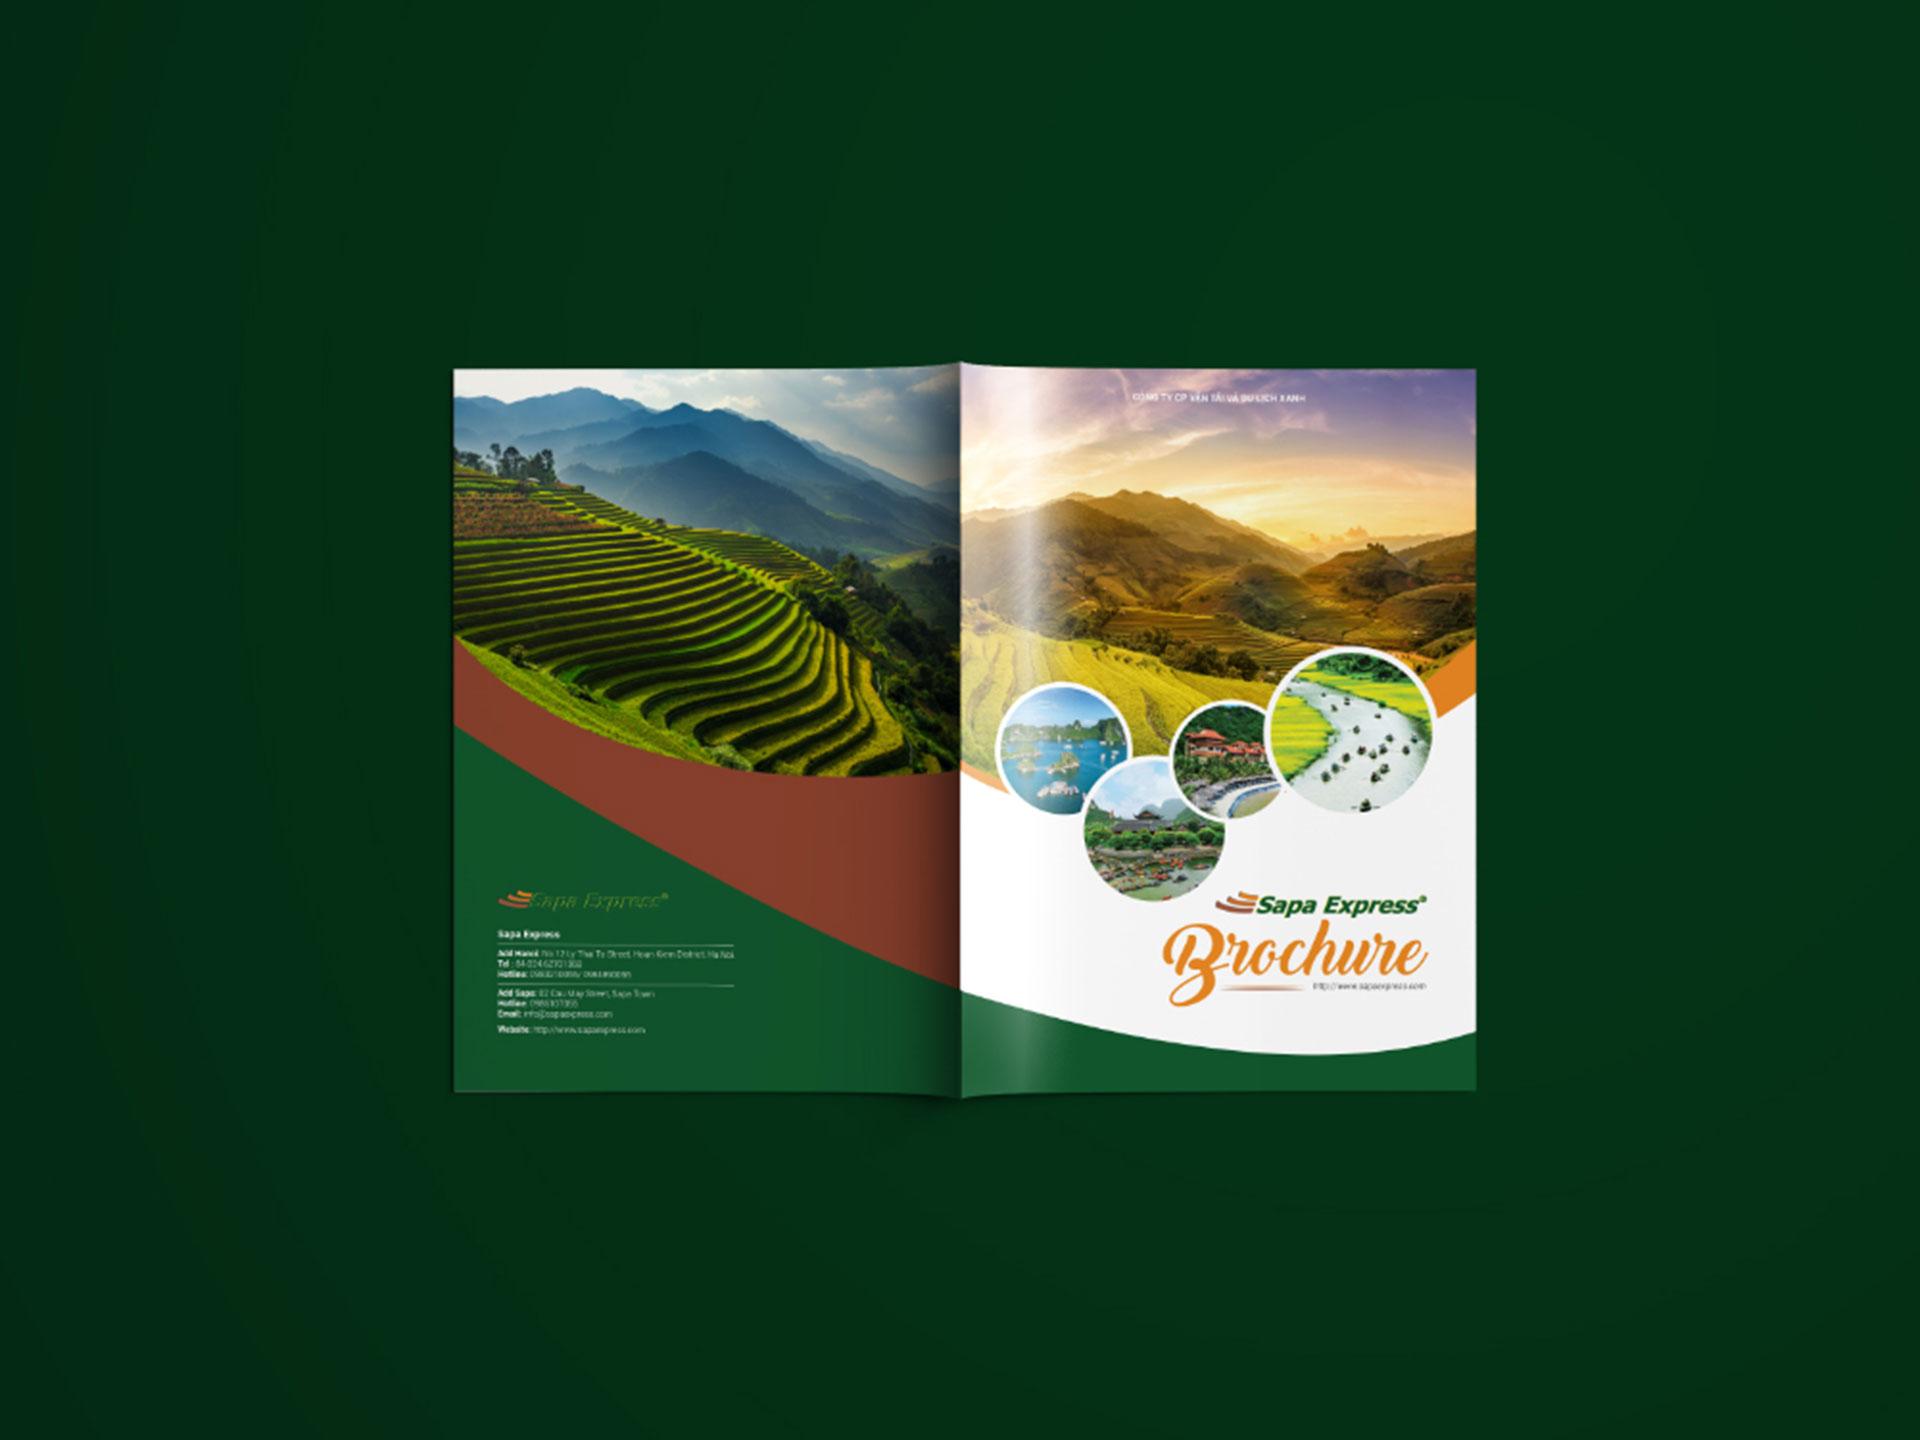 Thiết kế Brochure du lịch công ty Sapa Express tại Hà Nội, Lào Cai